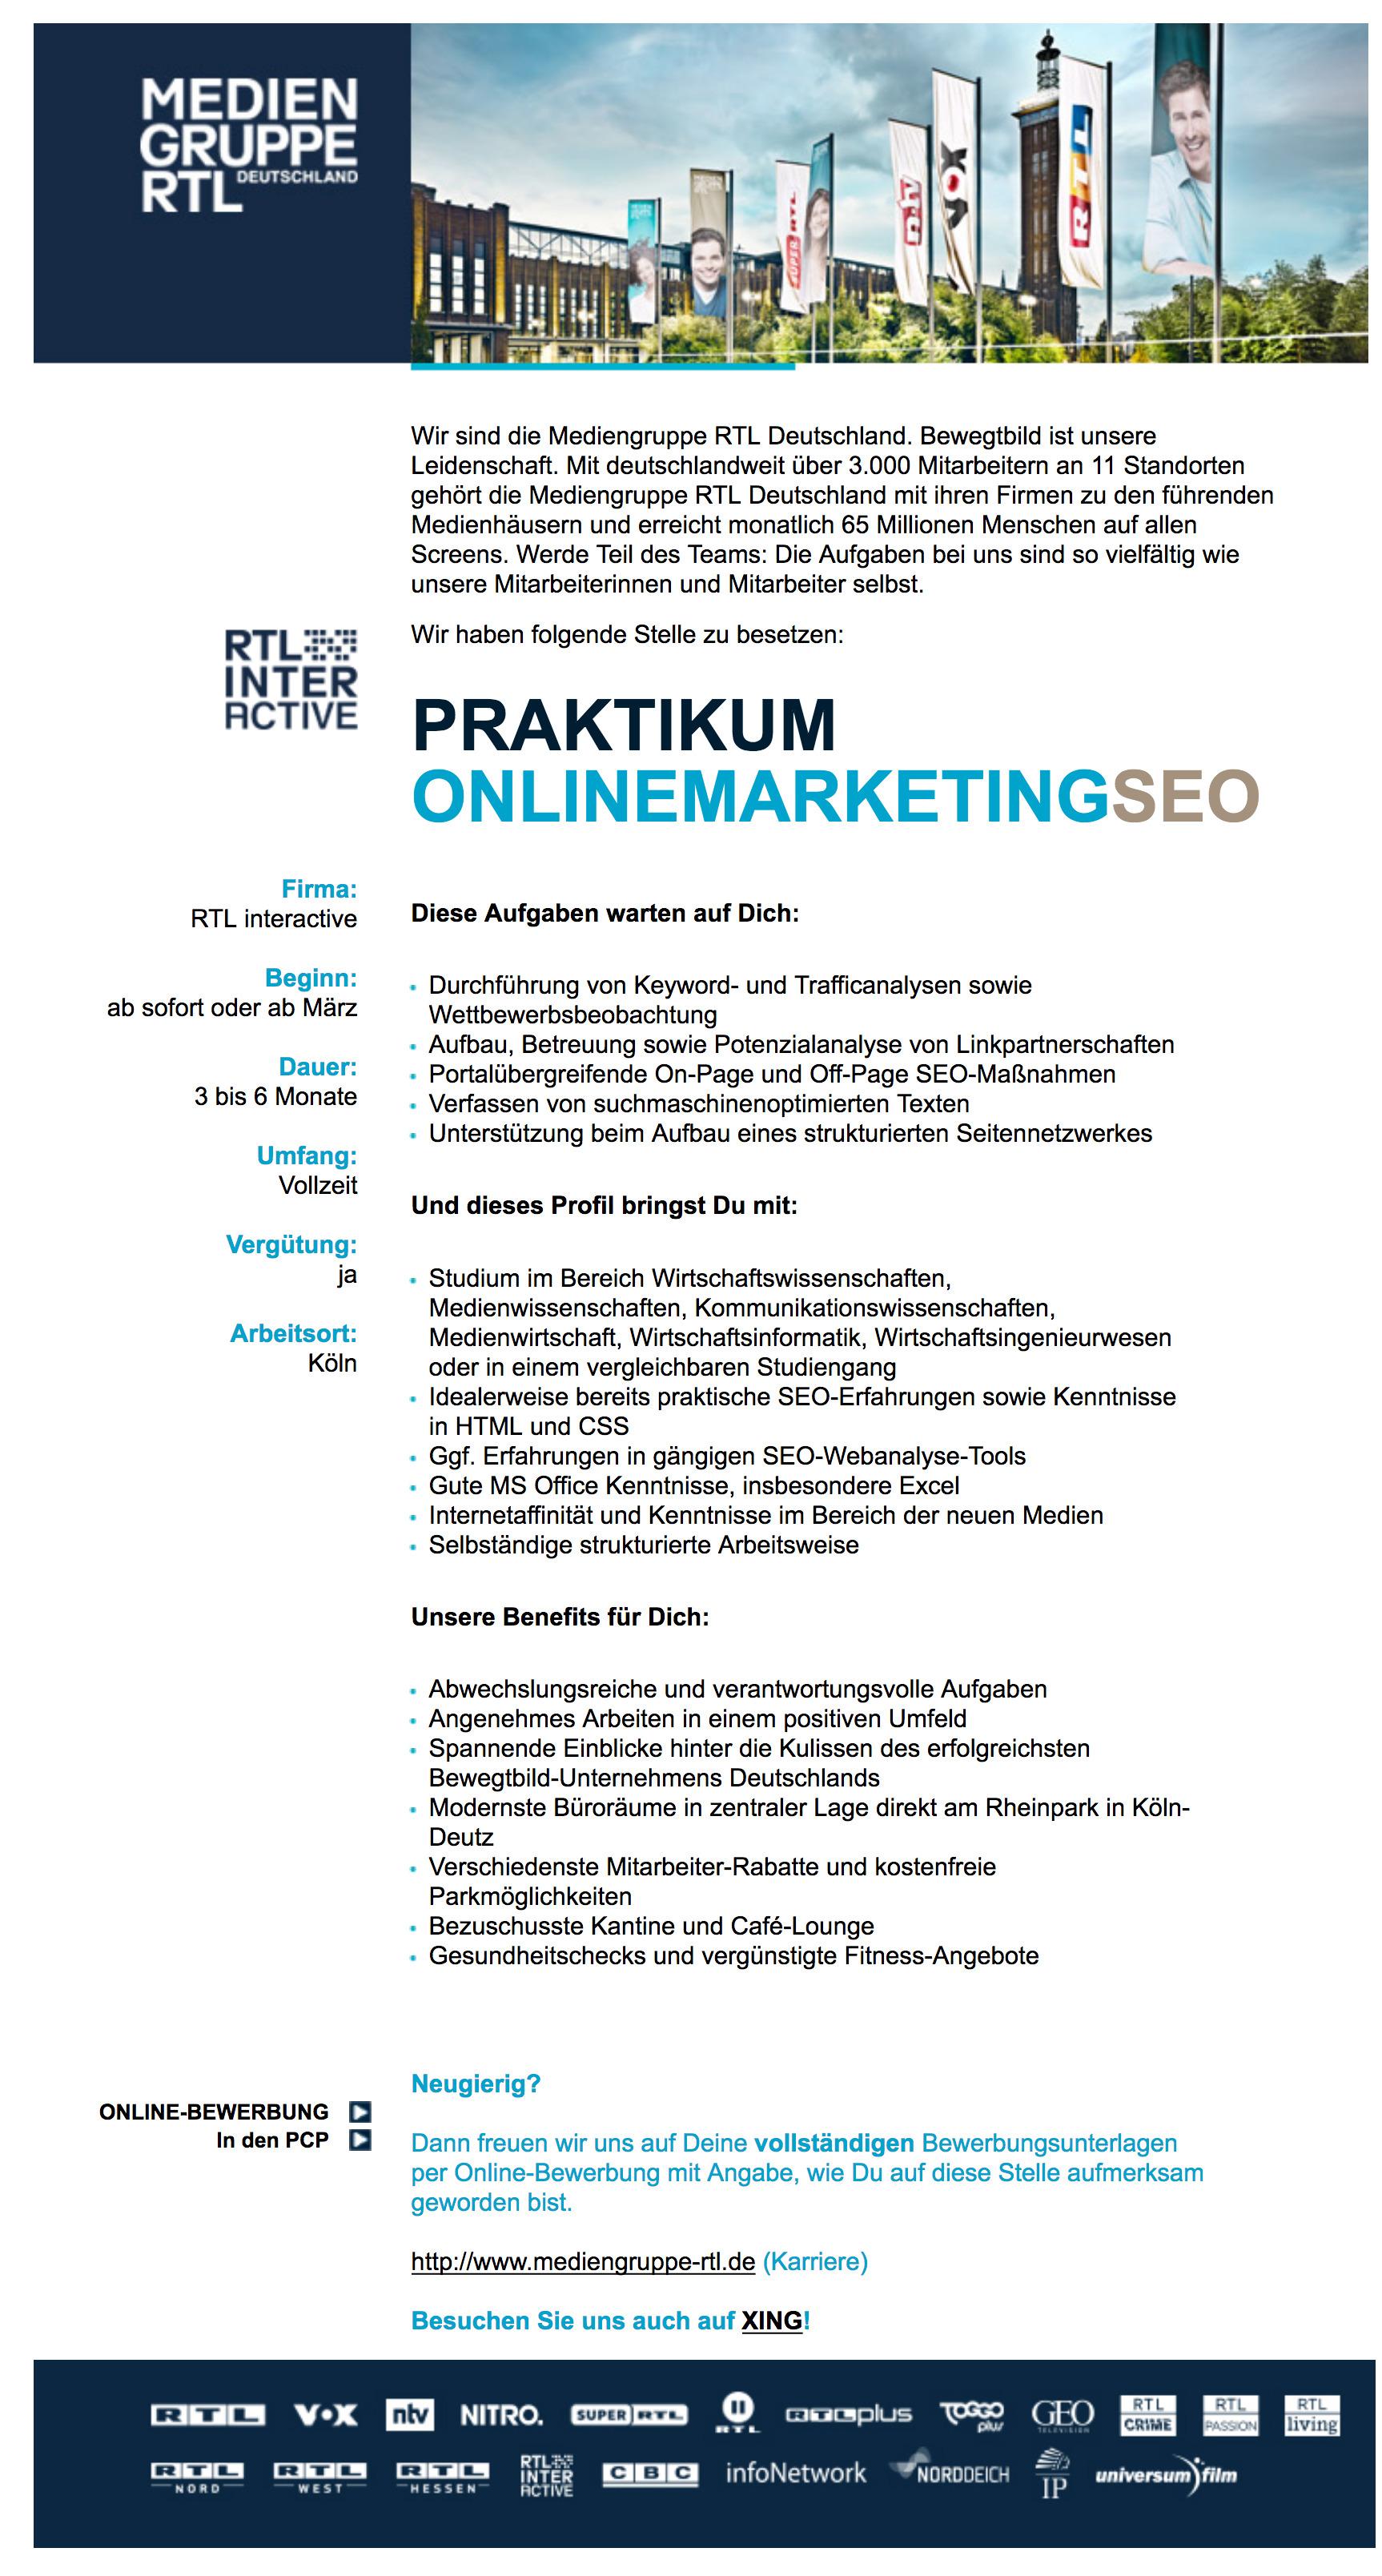 Mediengruppe Rtl Deutschland Köln Bietet Praktikum Onlinemarketing